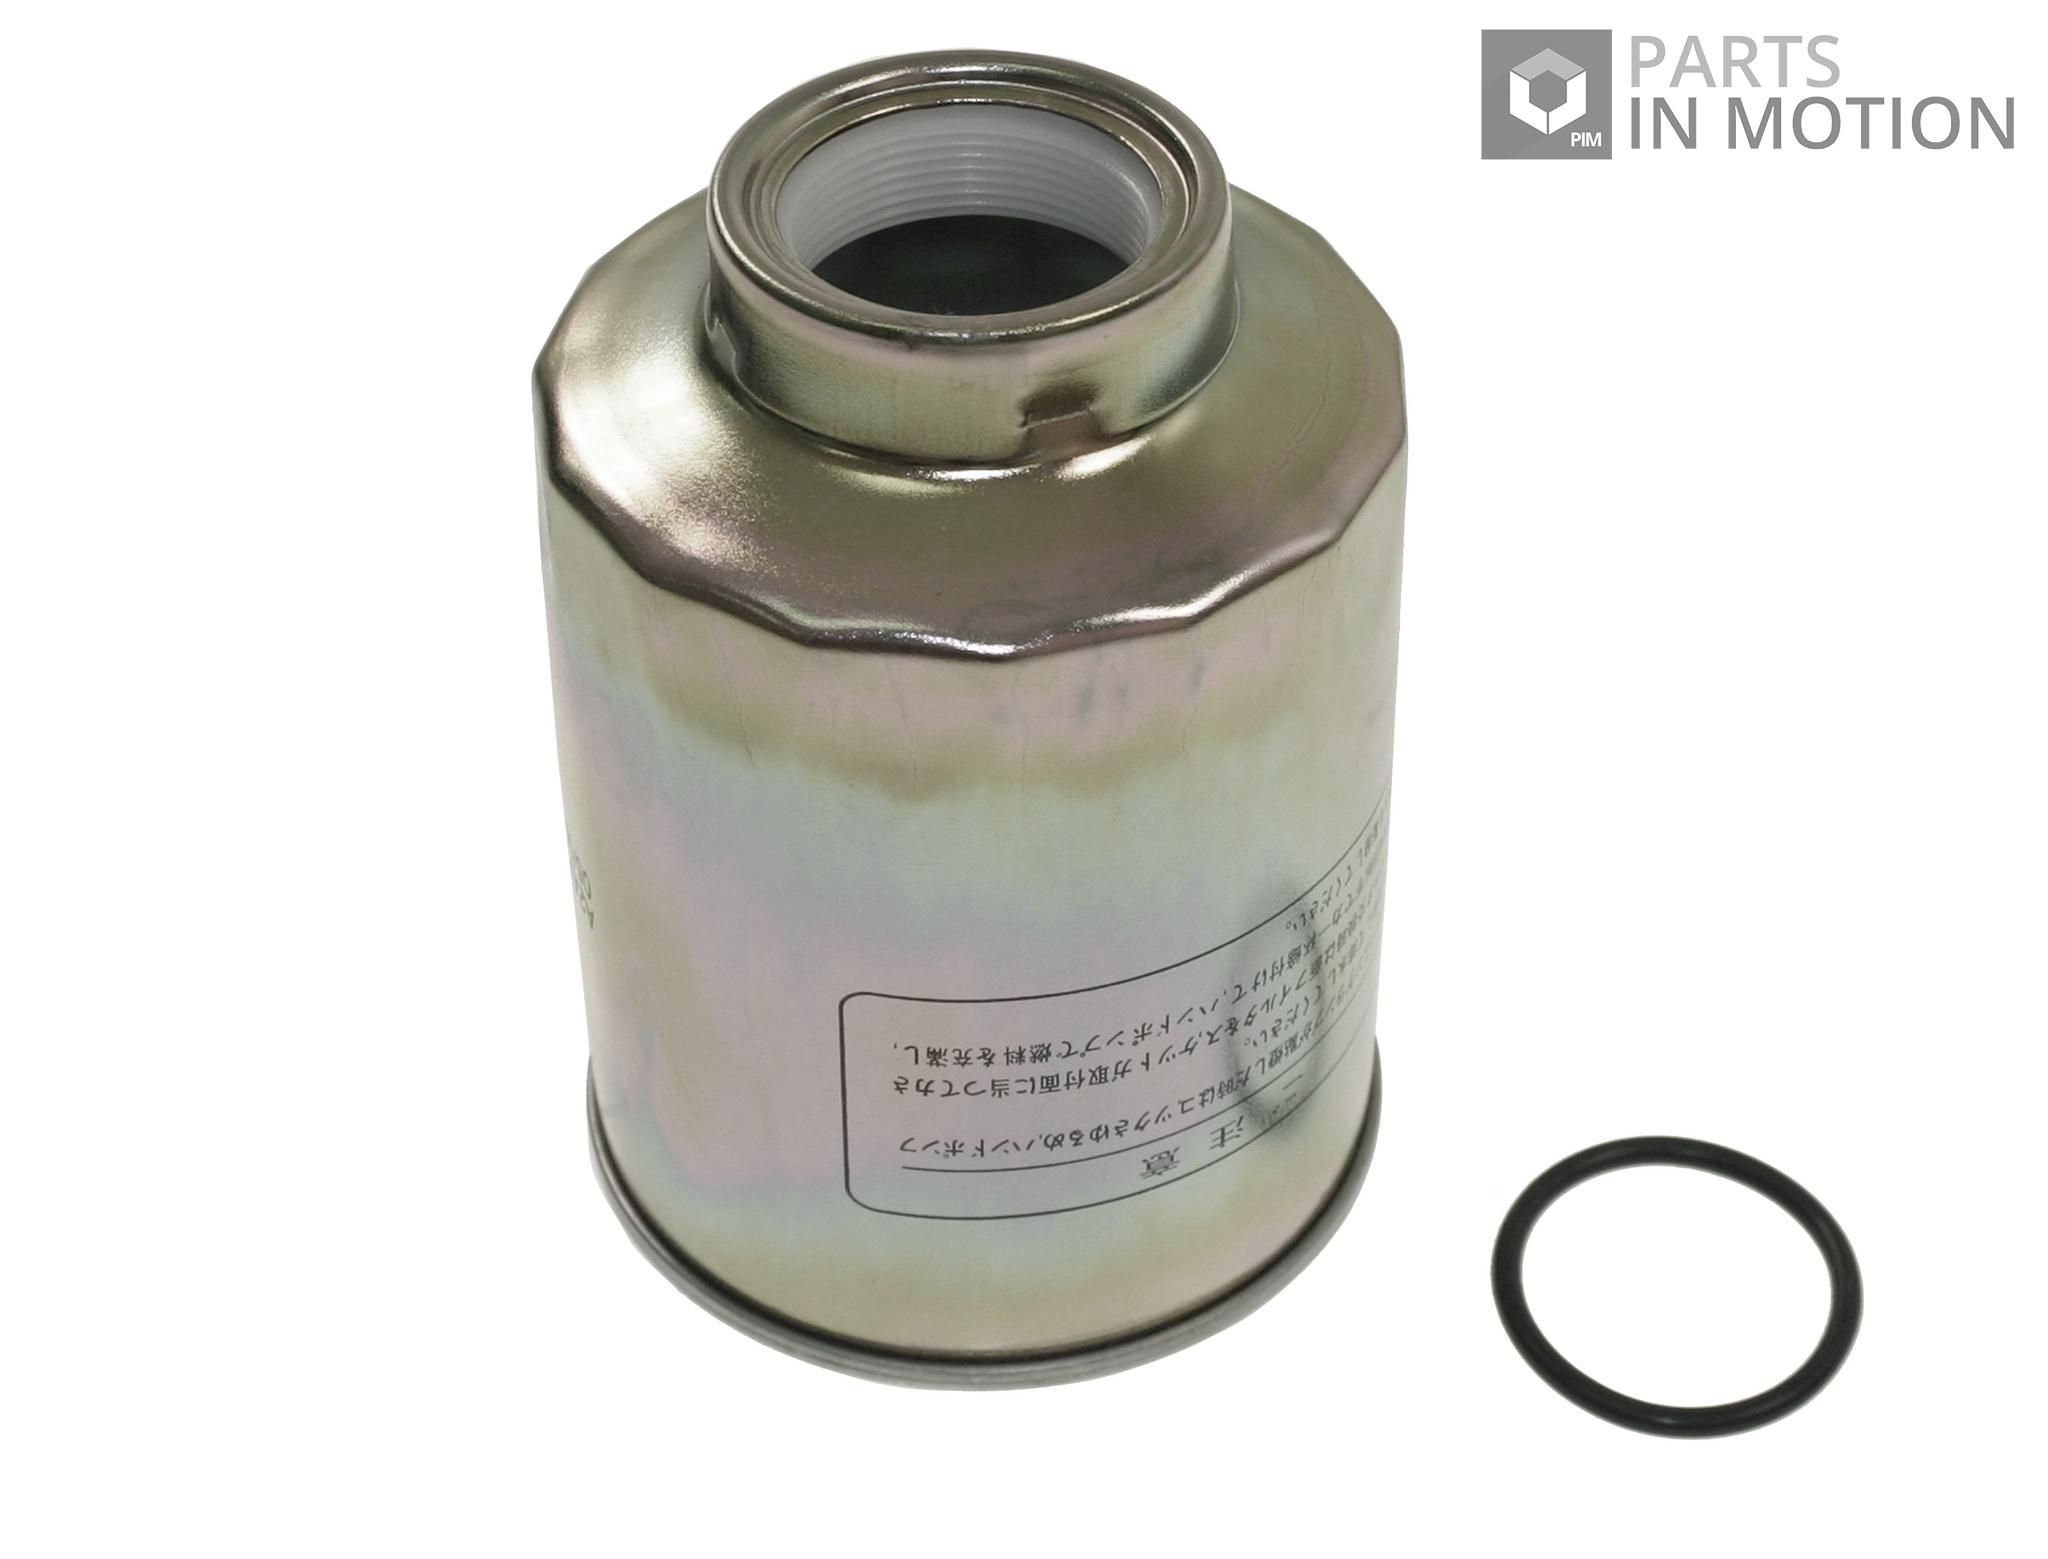 Fuel Filter fits HONDA CIVIC 2 2D 06 to 12 Hatchback